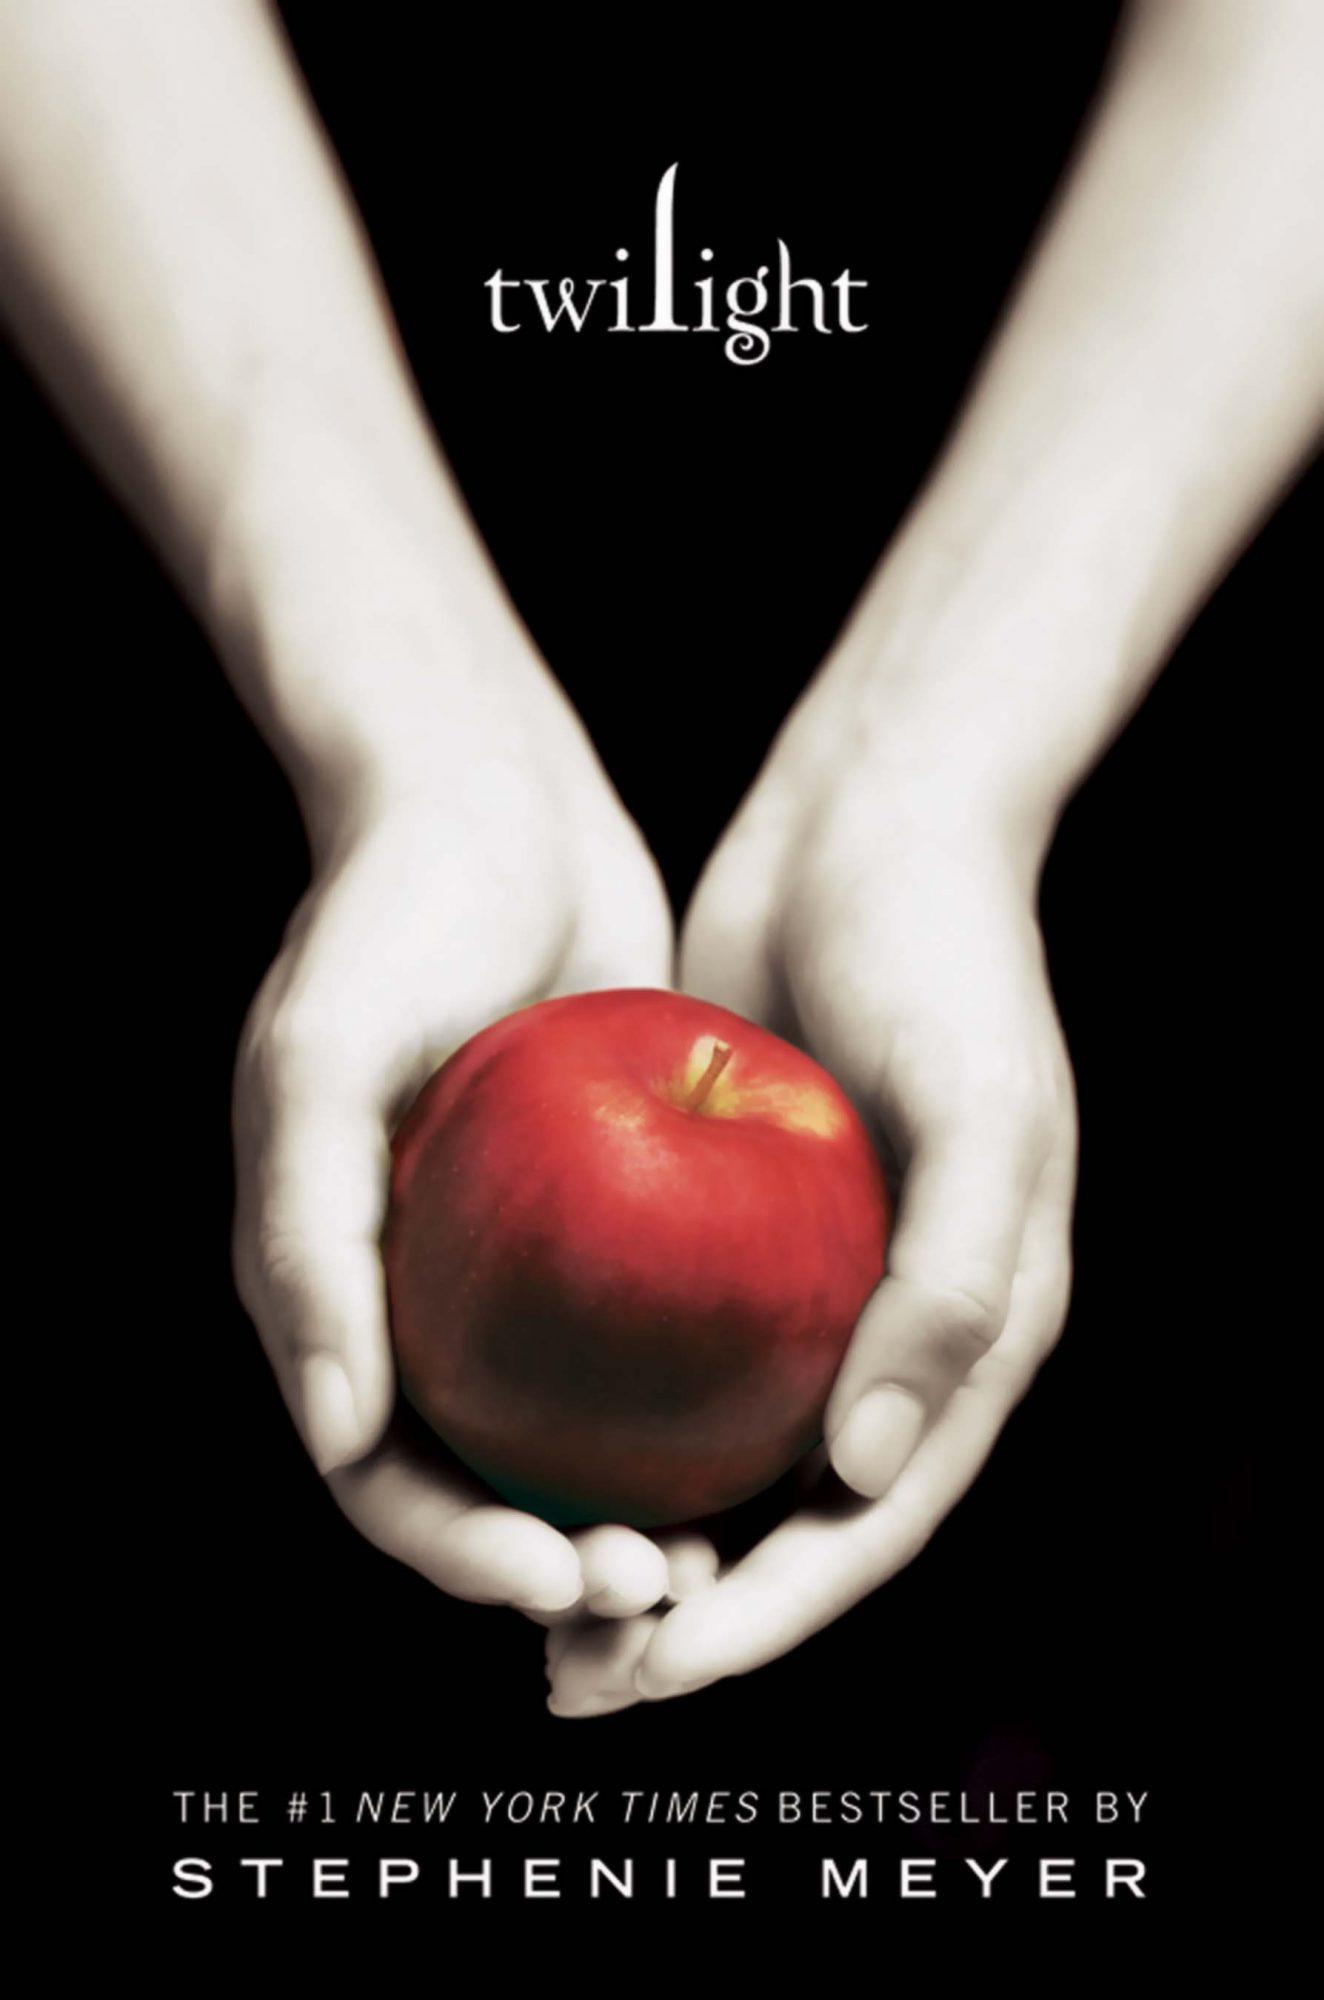 Twilight by Stephenie Meyer (2005)